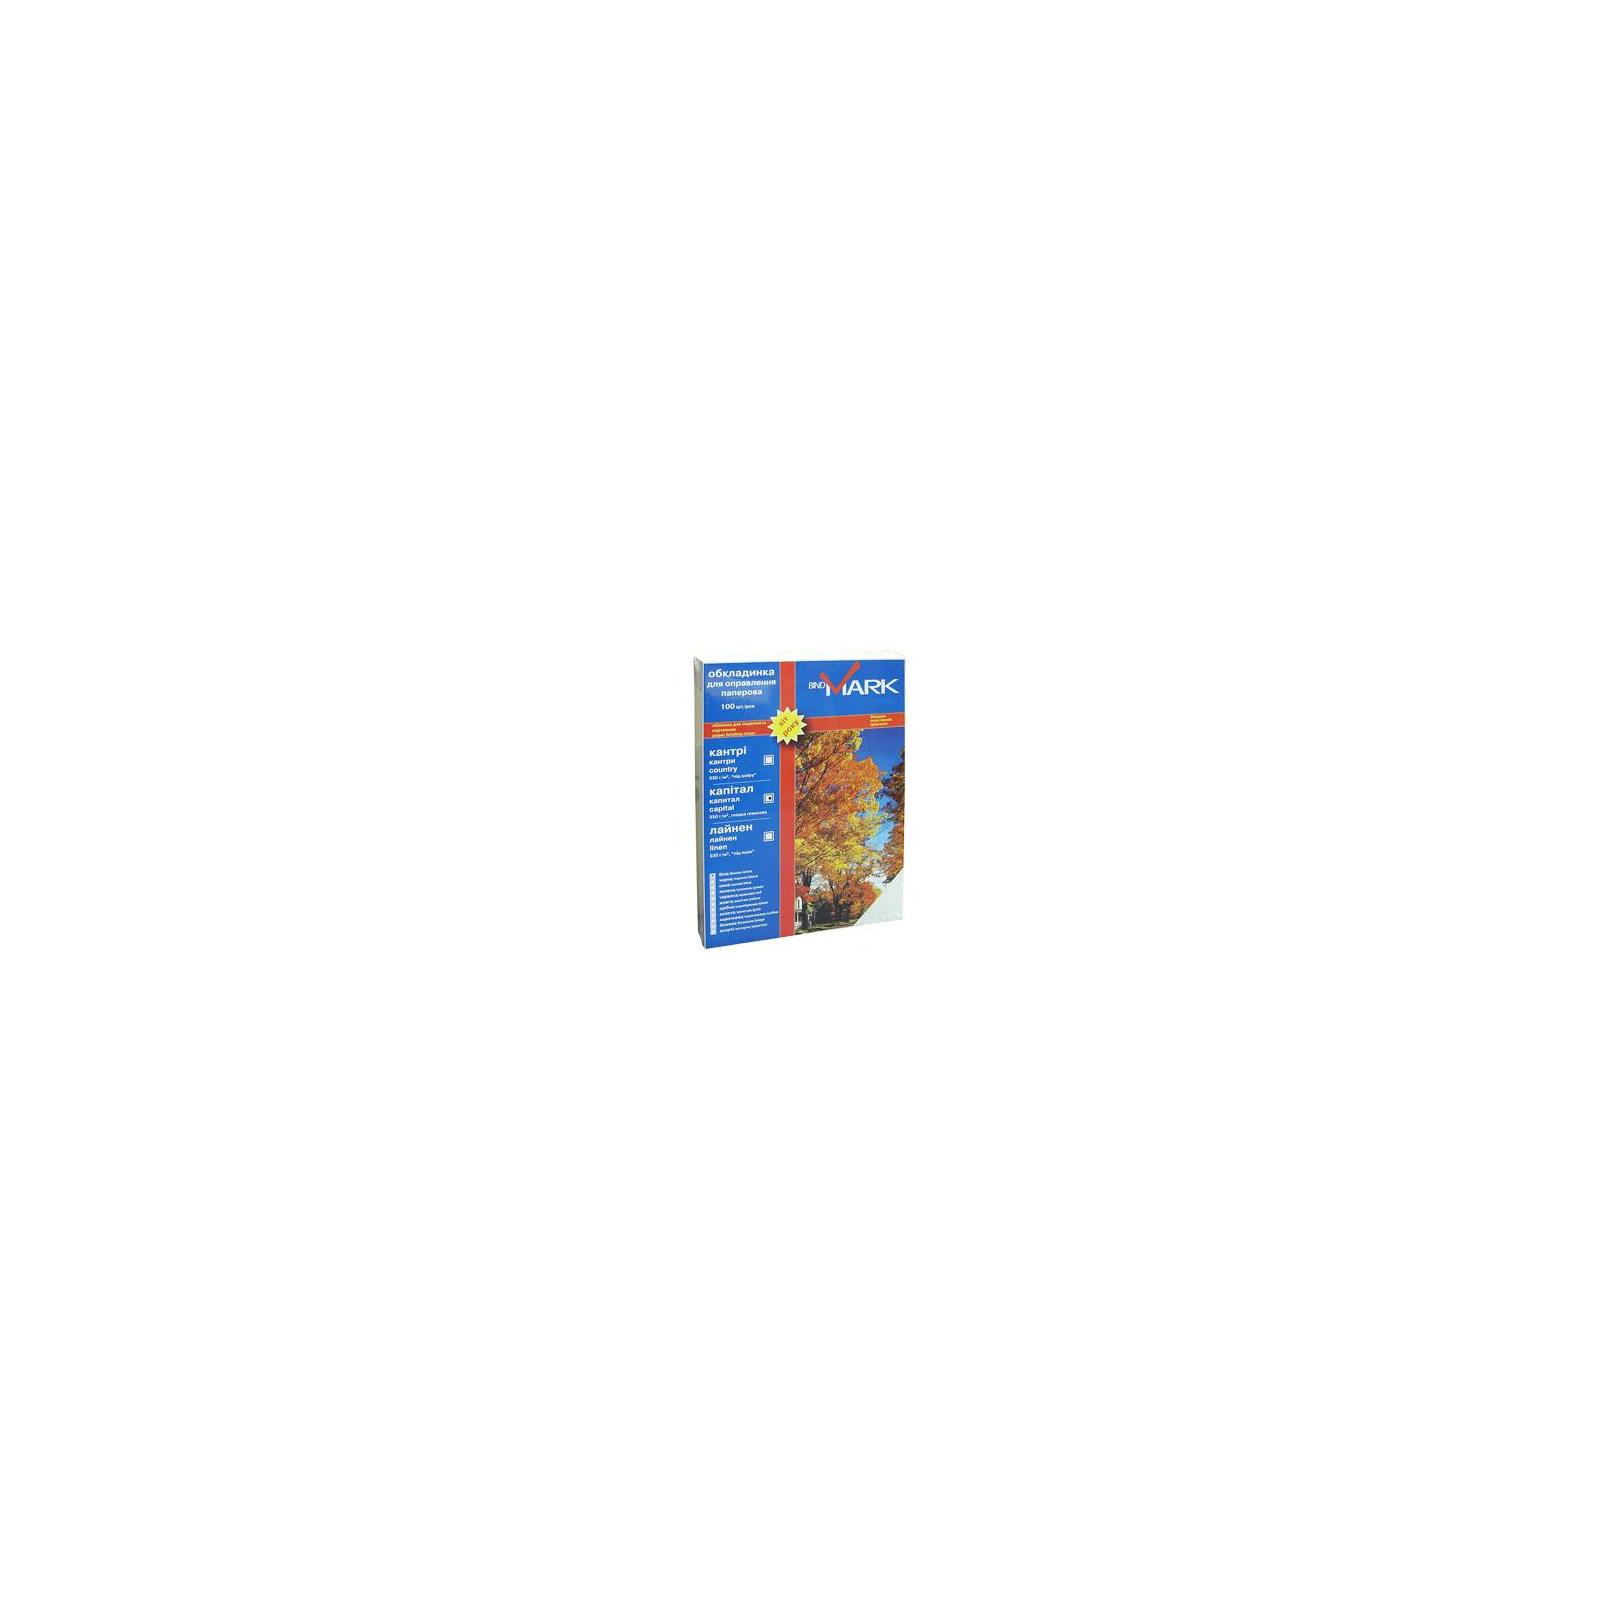 Обложка для переплета bindMARK карт. Кантри А4 230г/м2 (100 шт.) коричневая (41714)